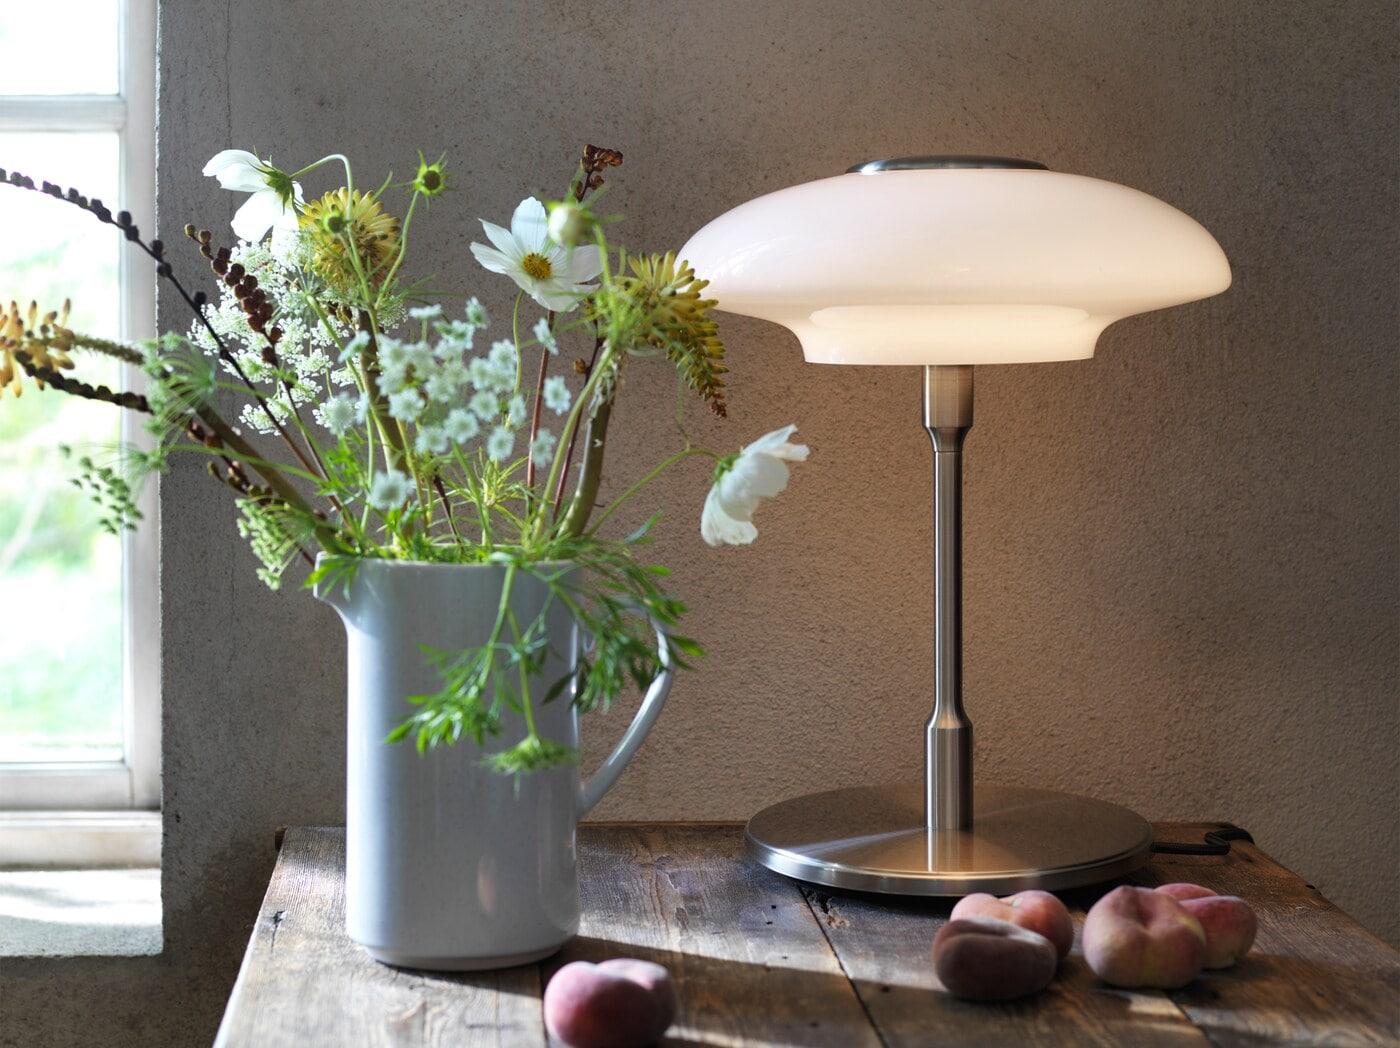 Stolní lampa TÄLLBYN ve stylu Art Deco na dřevěném stole, vedle je džbán s květinami a ovoce